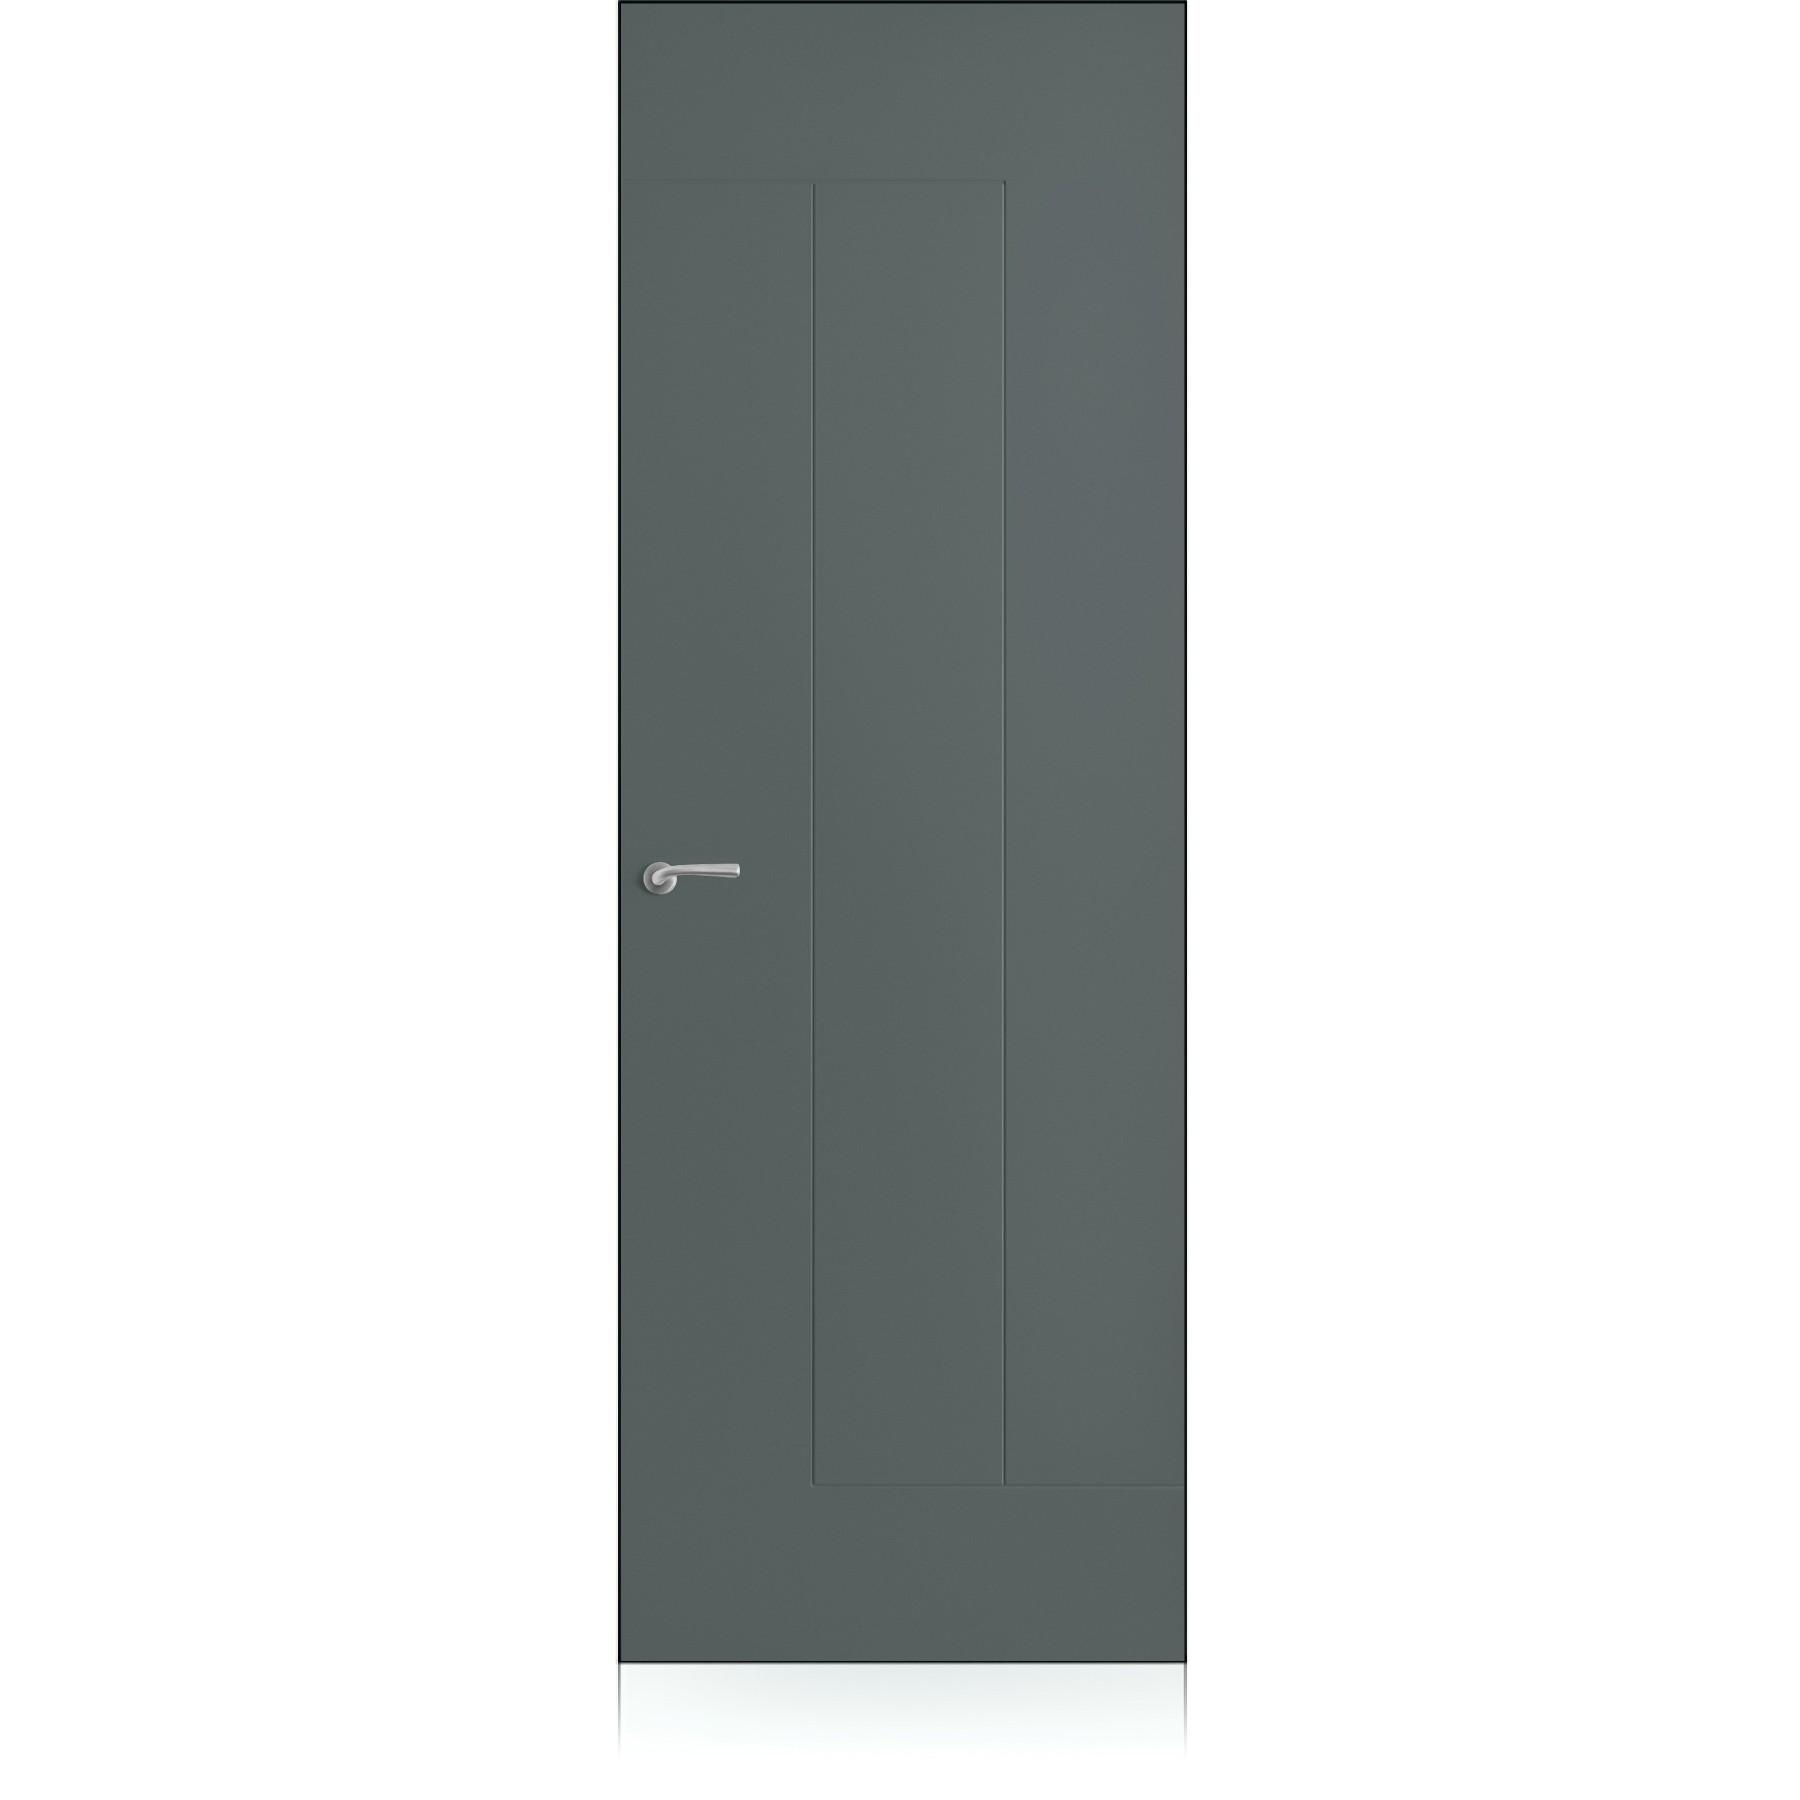 Puerta Yncisa/8 Zero Metallo Pure Laccato ULTRAopaco